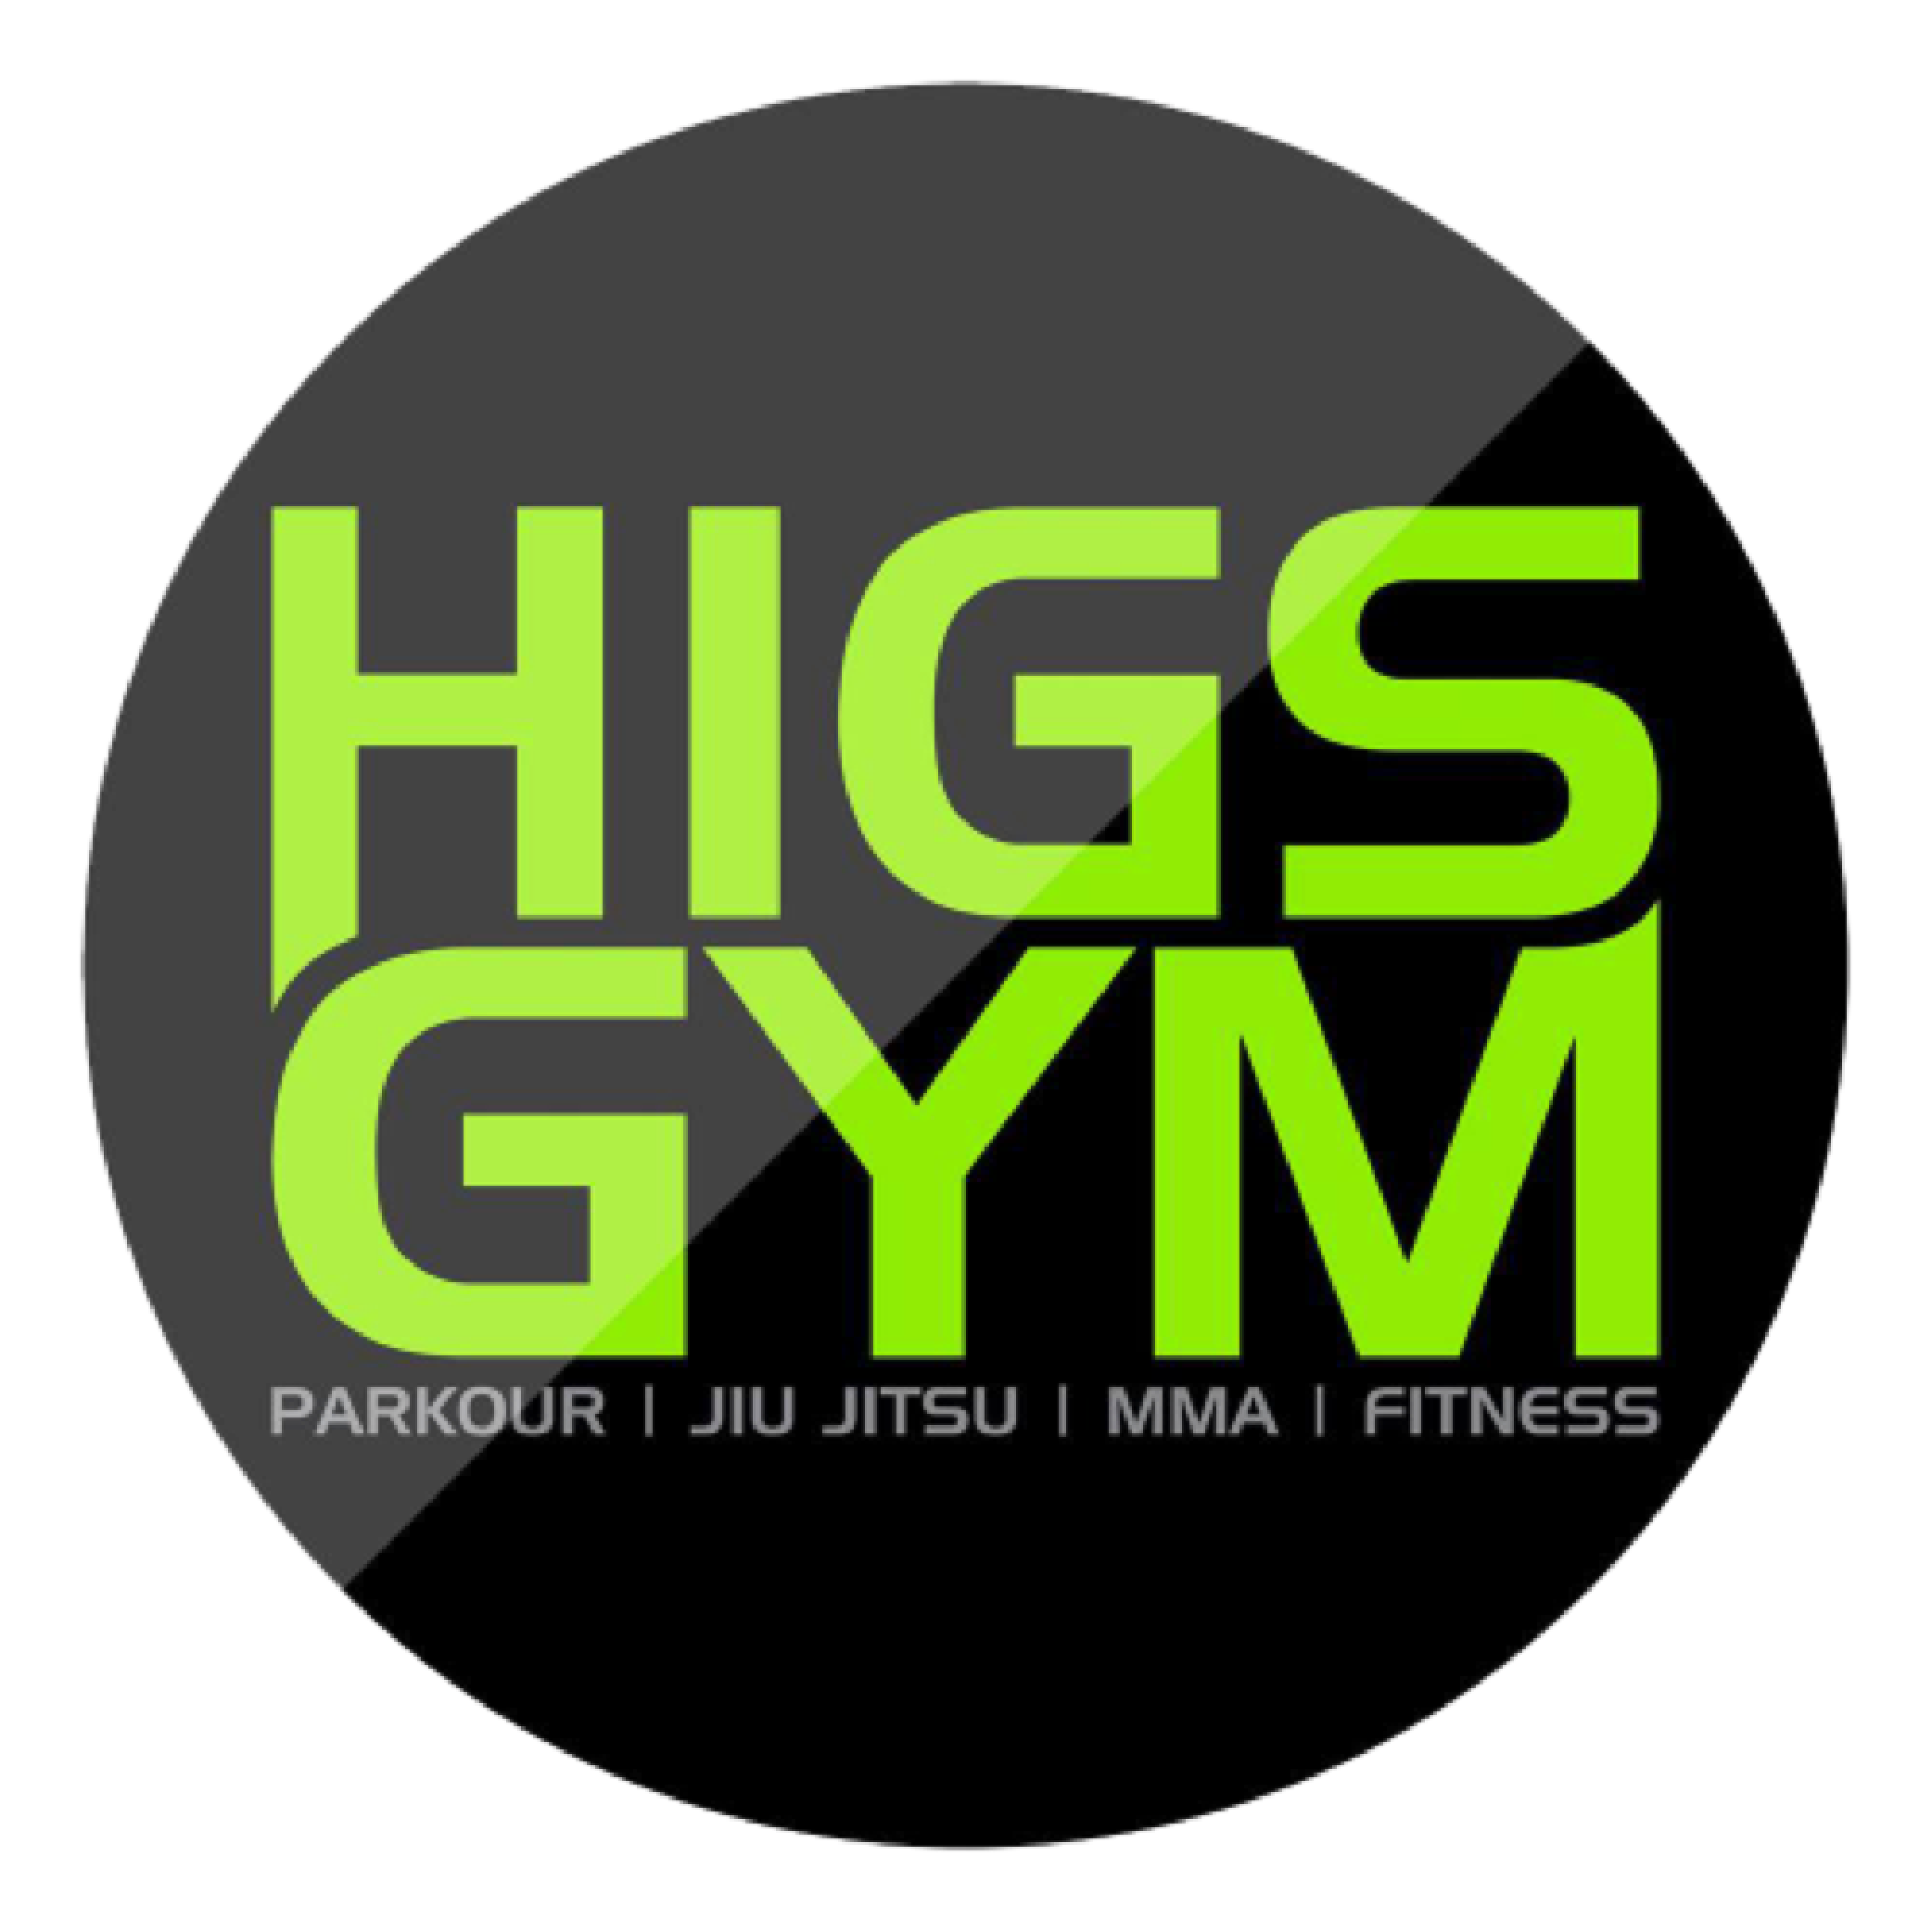 HIGS Gym